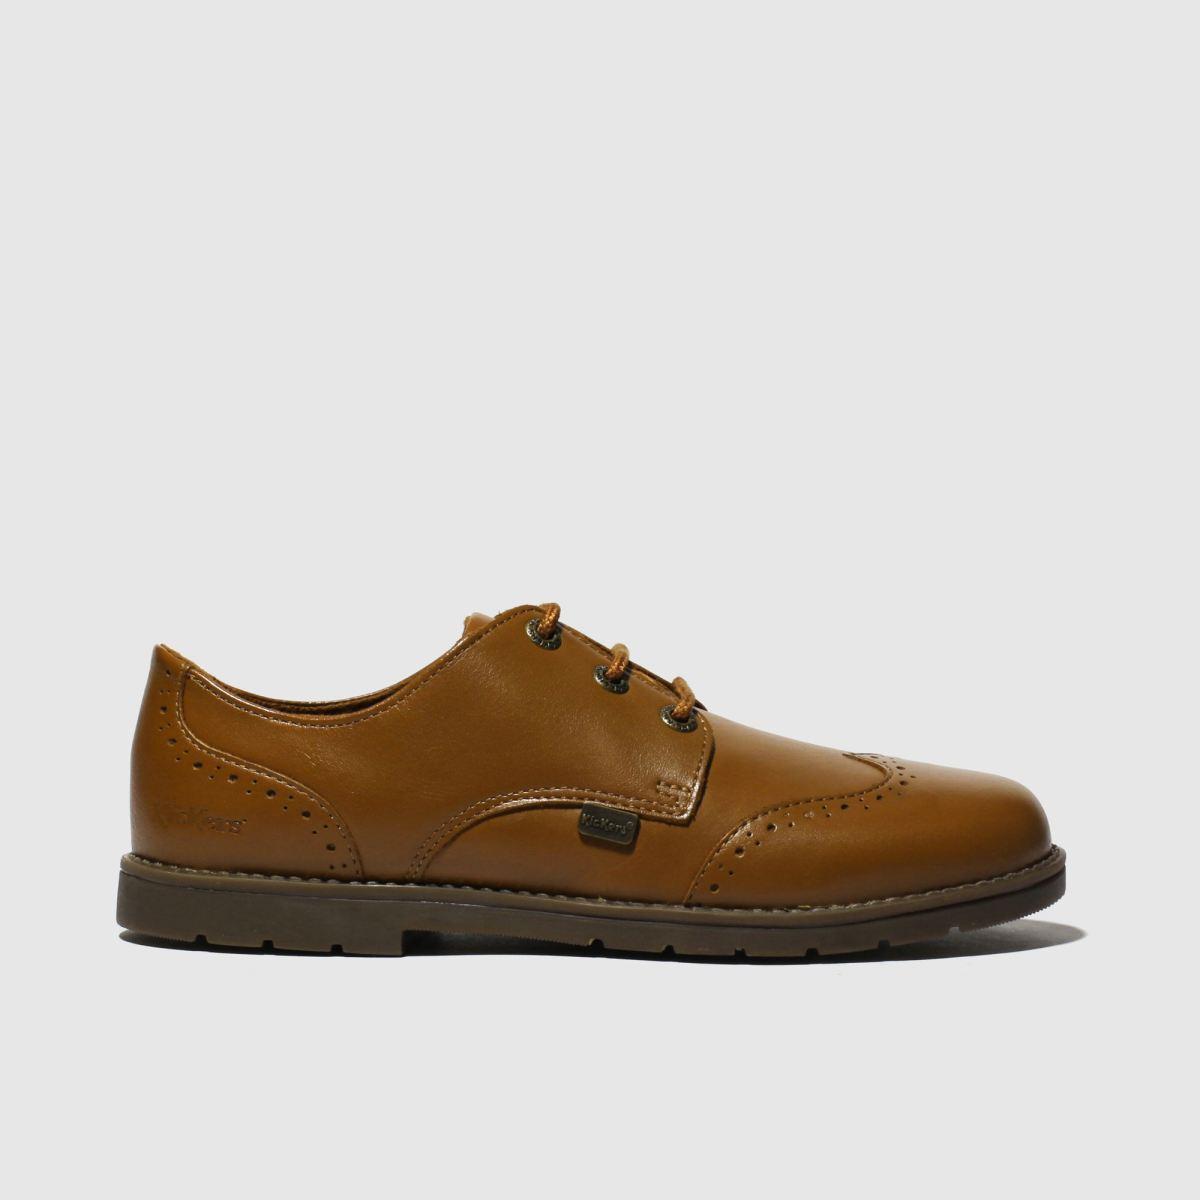 Kickers Tan Orin Brogue Lo Shoes Junior